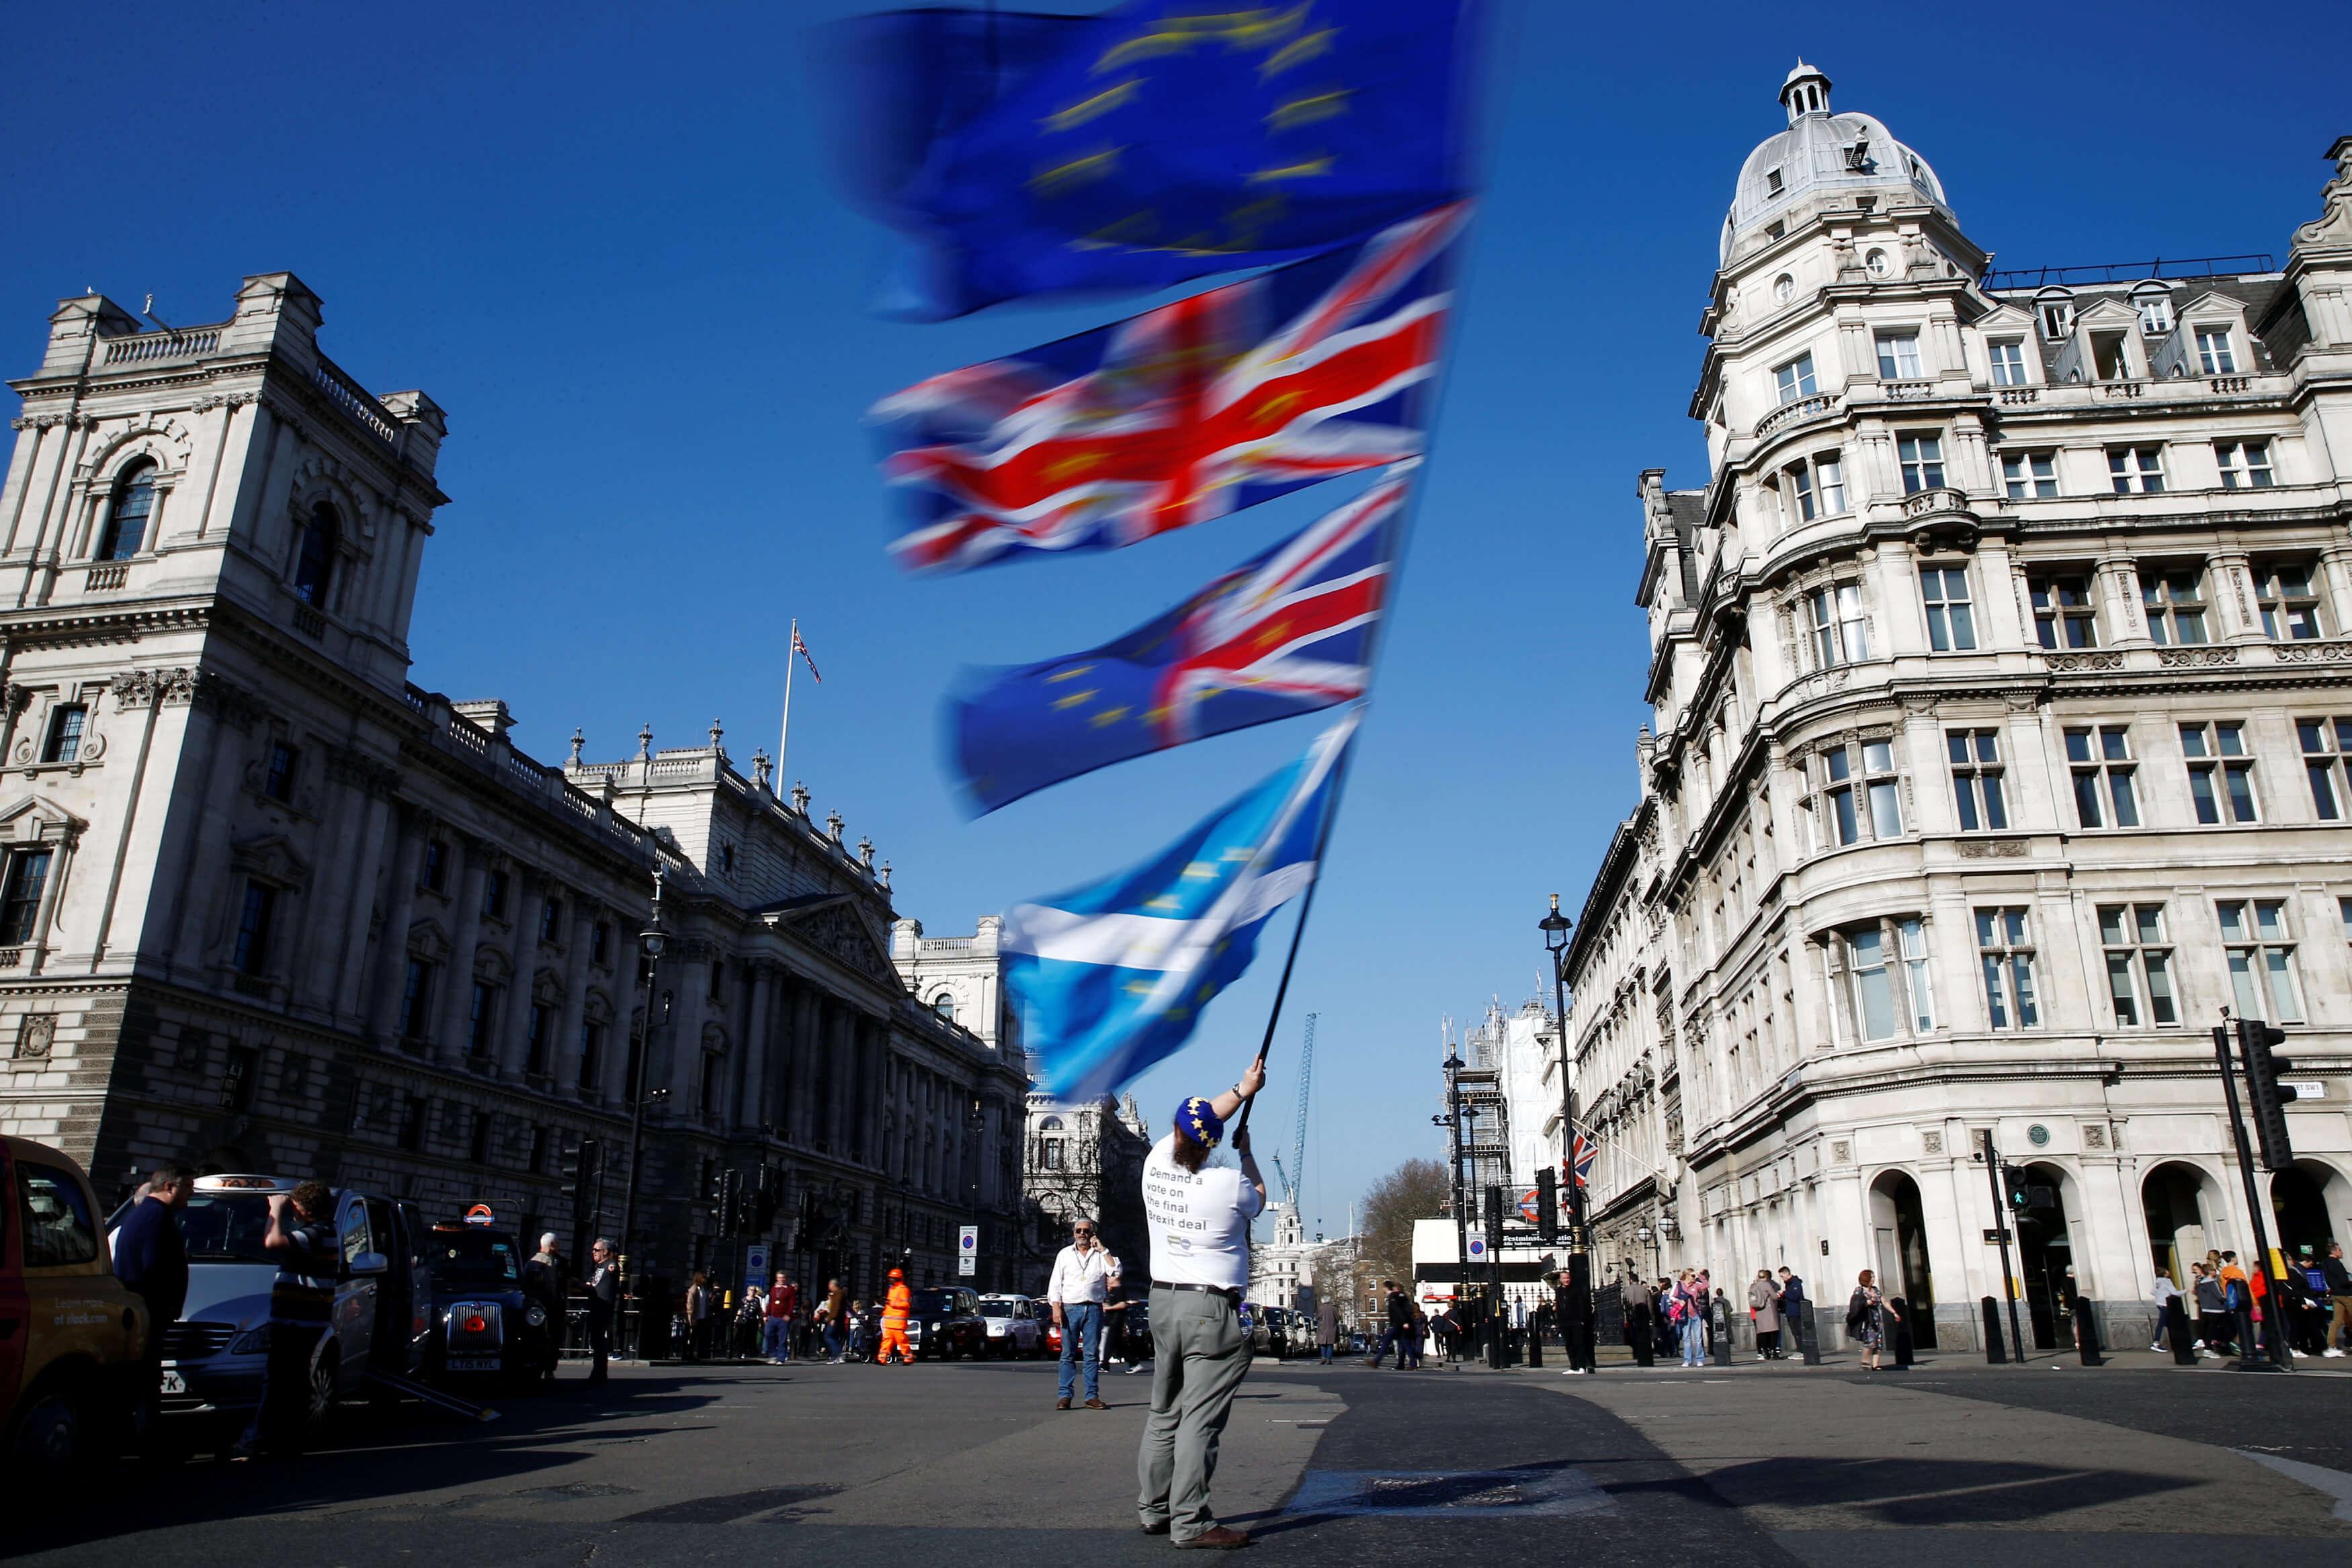 Brexit: Παράθυρο για καθυστέρηση λίγων εβδομάδων αφήνει η ΕΕ